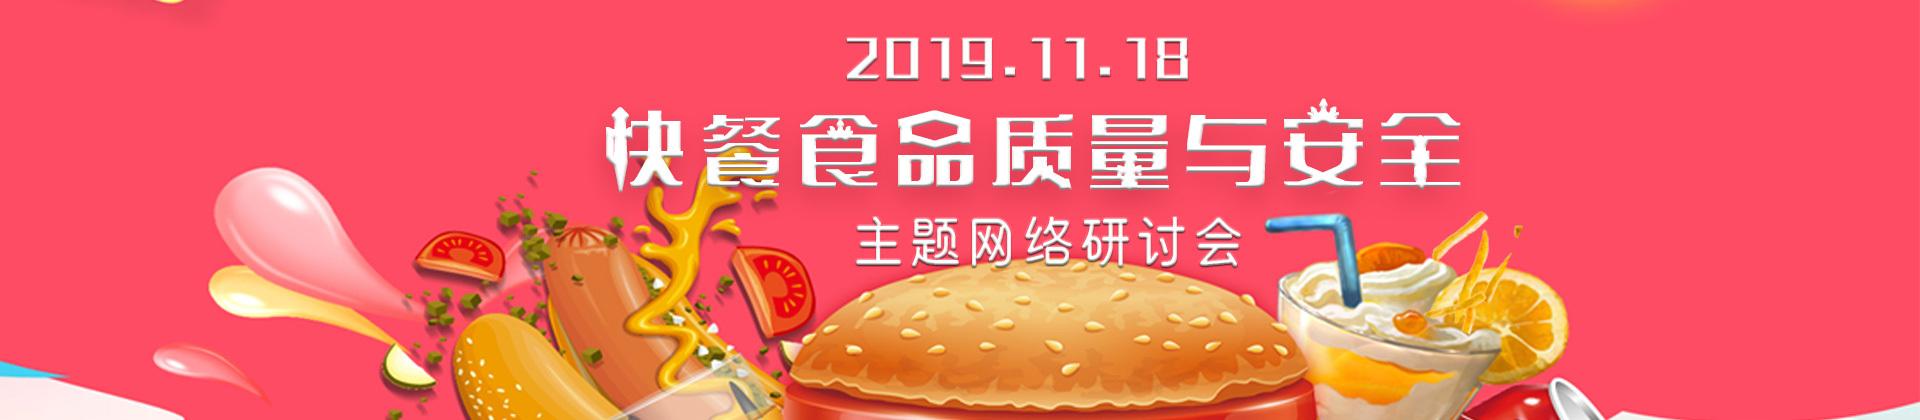 """2019-11-18 14:00 """"快餐食品质量与安全""""主题网络研讨会"""